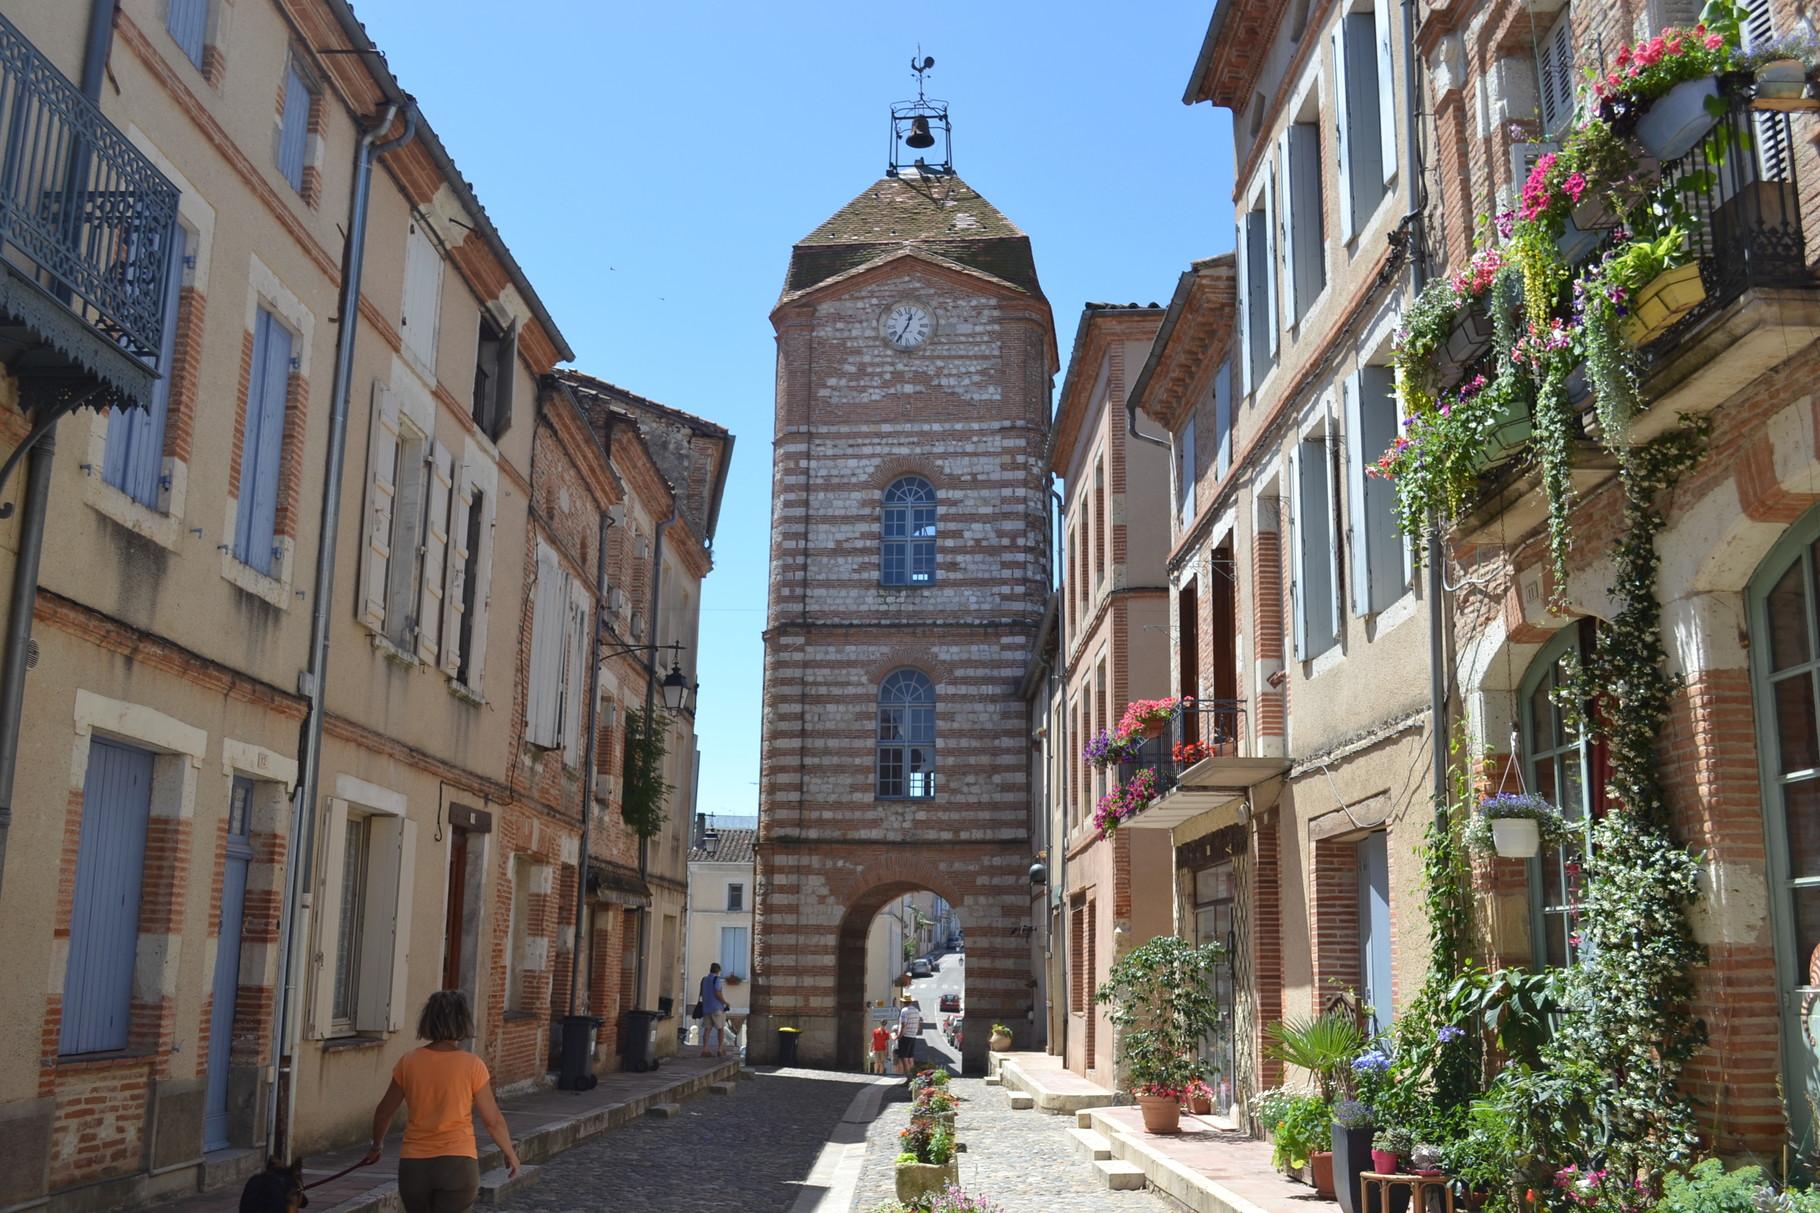 AUVILLAR La Tour de l'Horloge qui abrite aussi le musée de la Batellerie